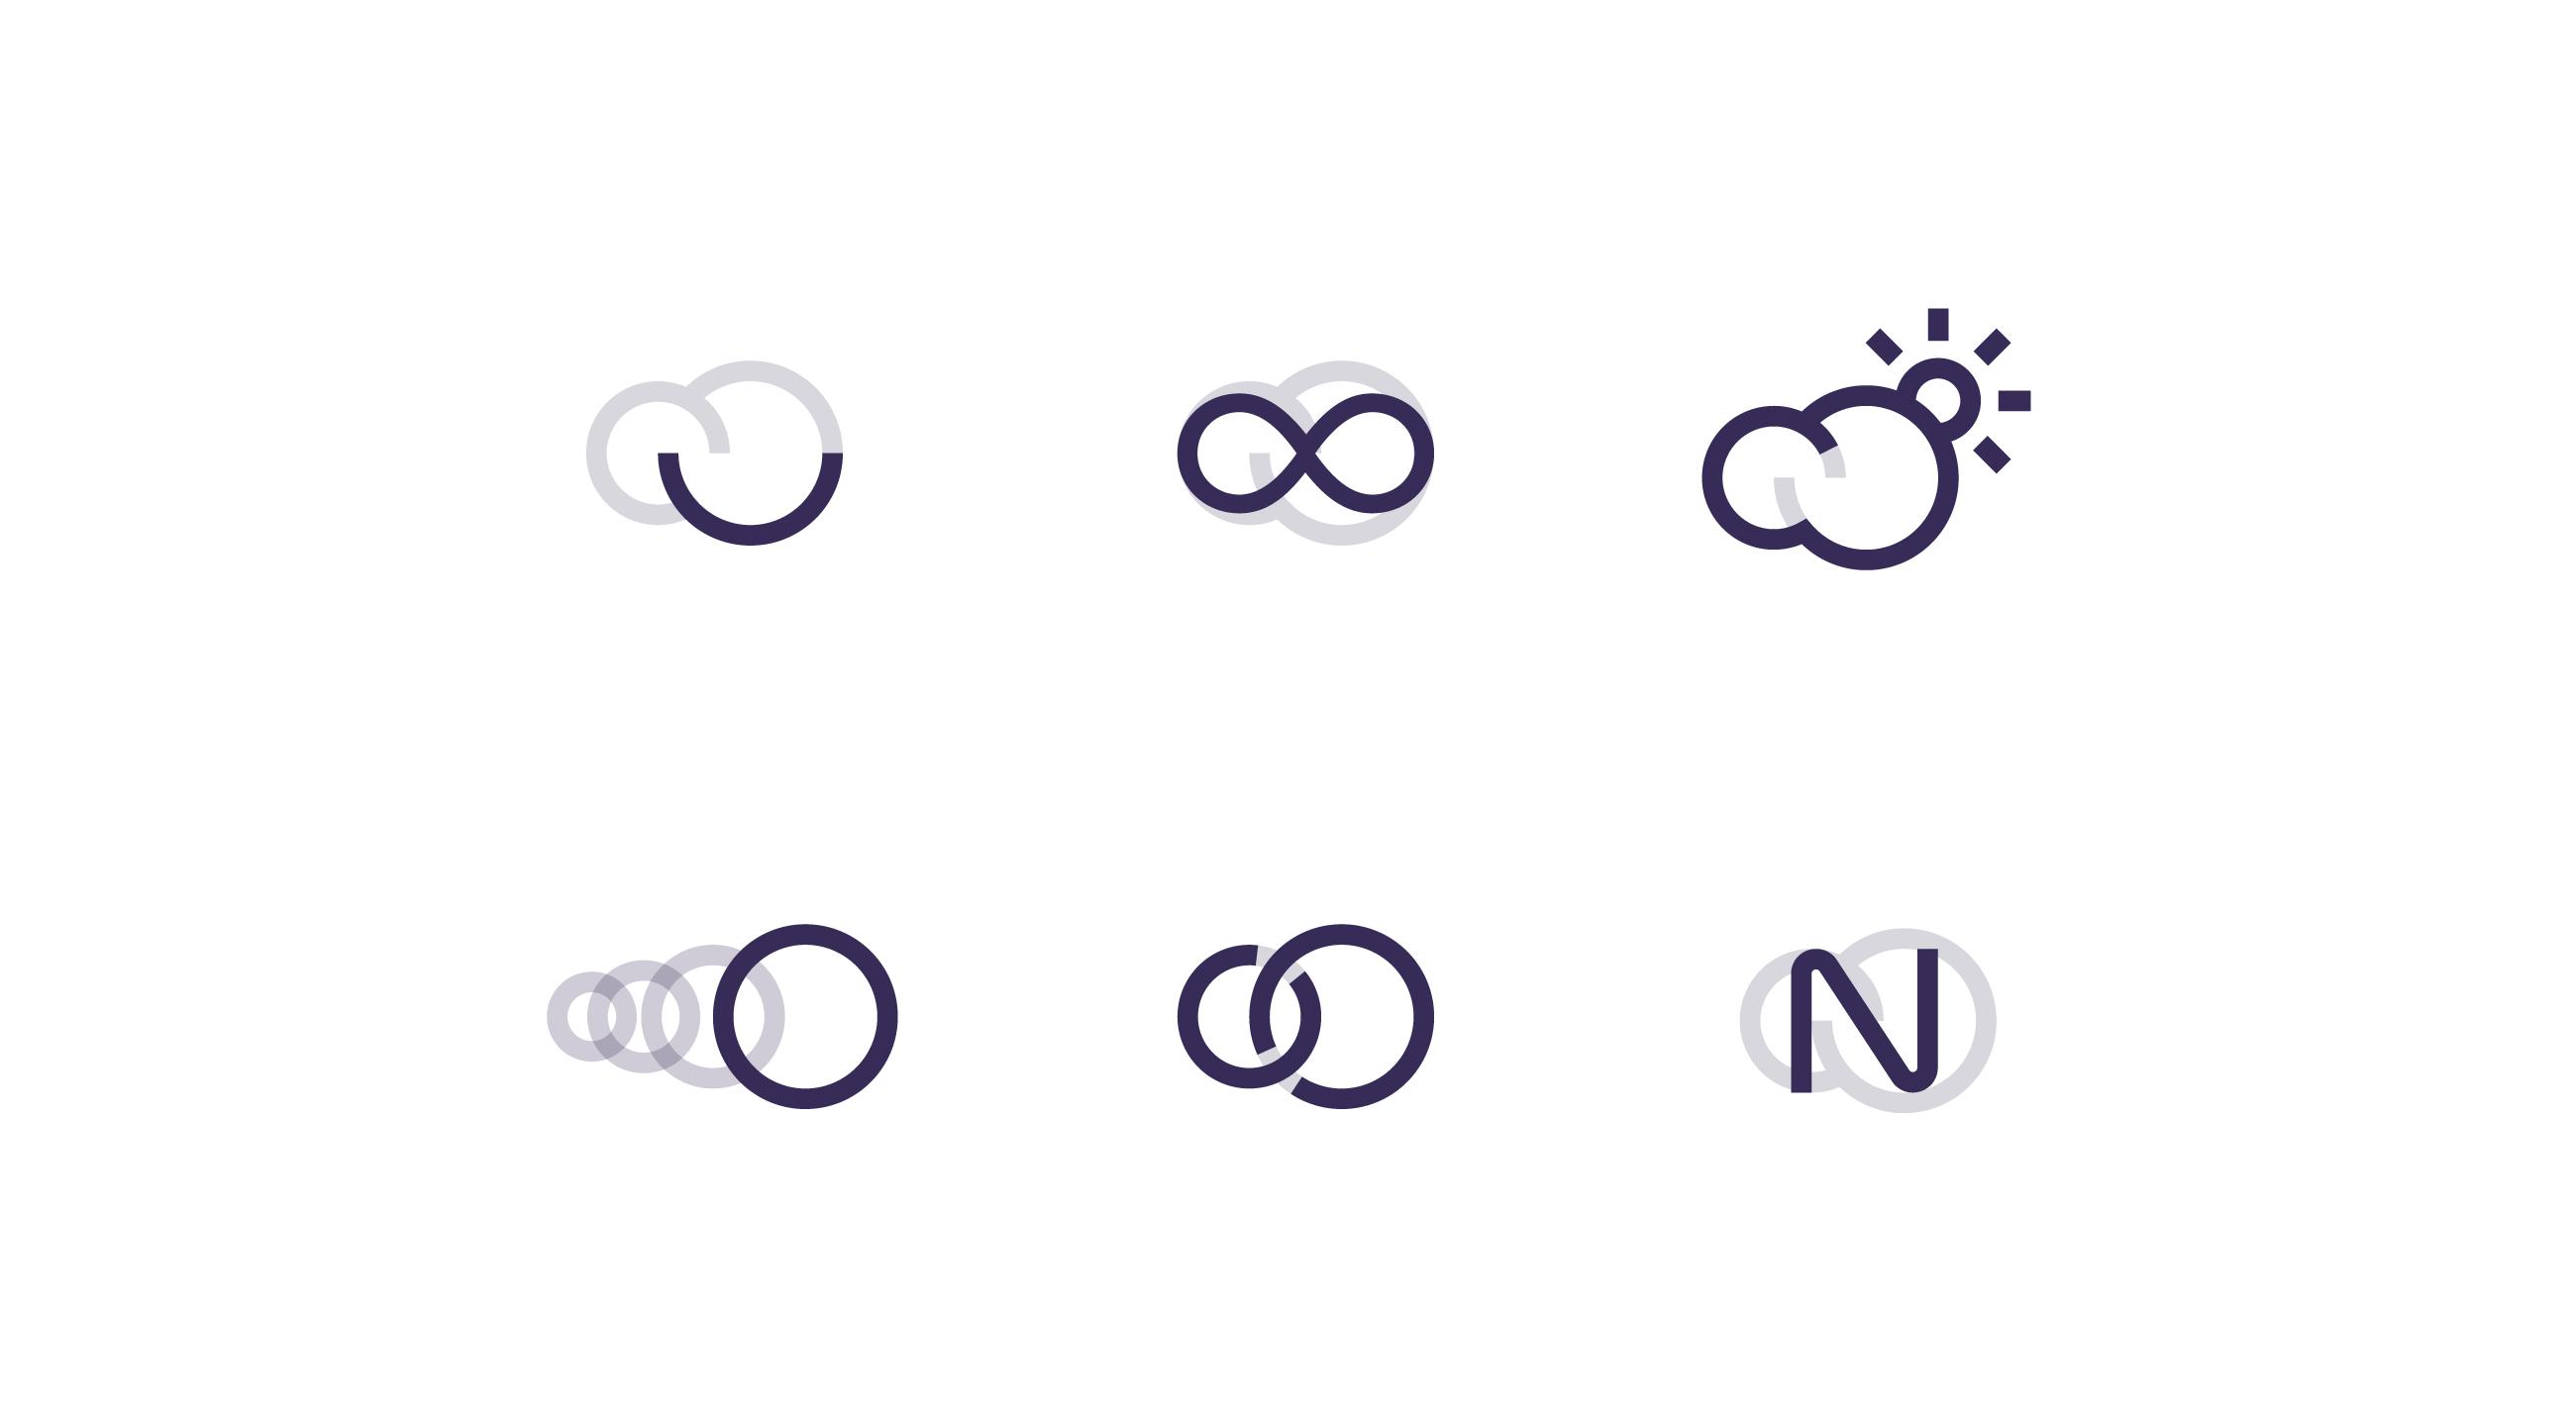 Significado-logotipos